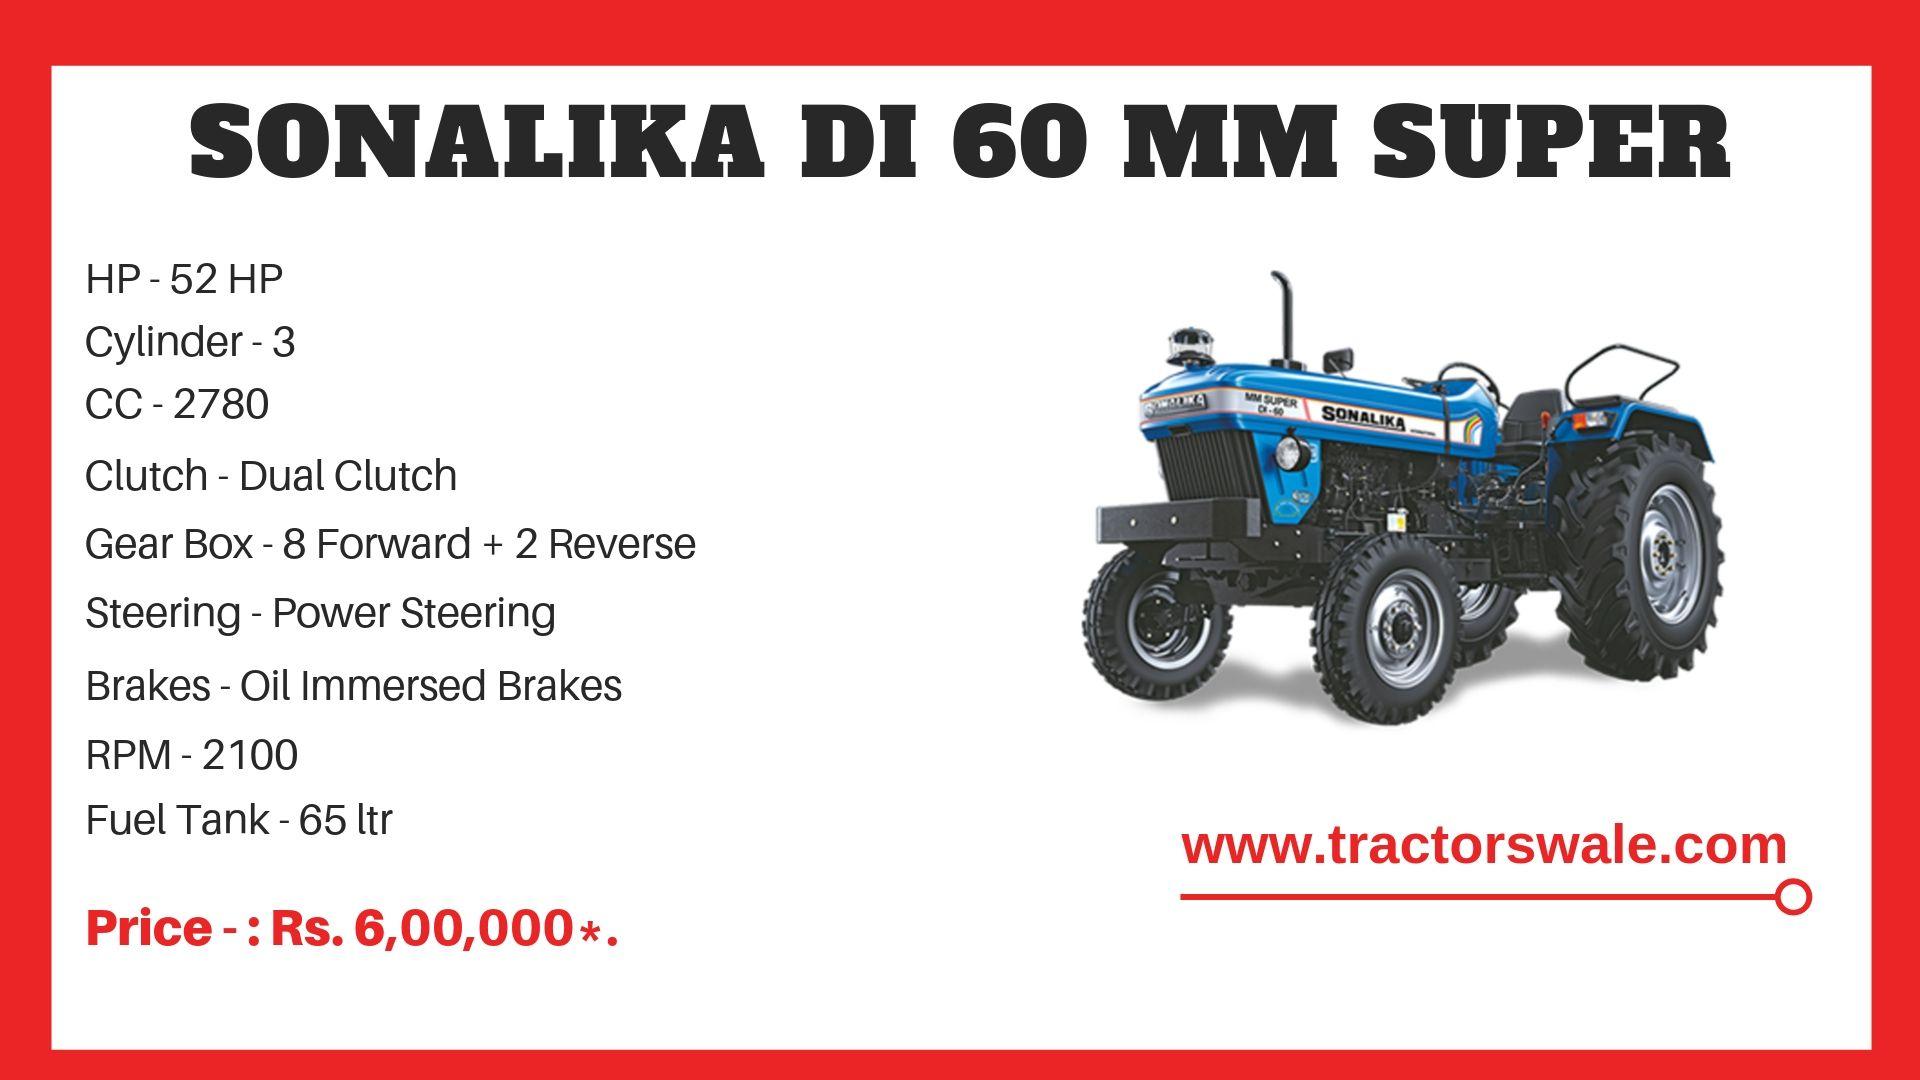 Sonalika DI 60 MM SUPER Tractor specs